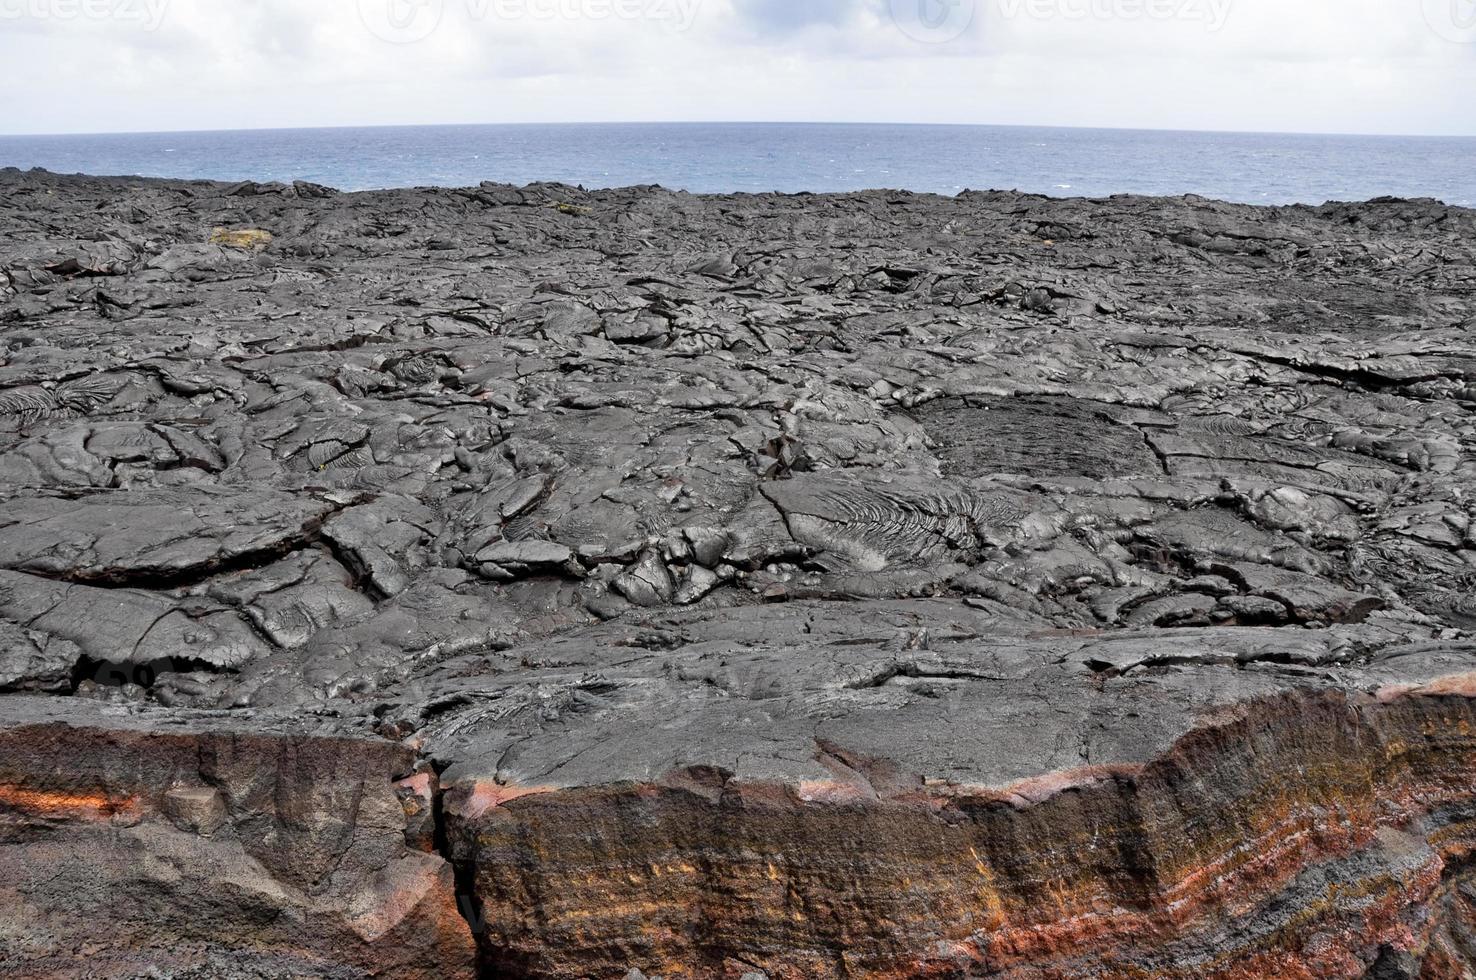 campo de lava, parque nacional dos vulcões do havaí (eua) foto